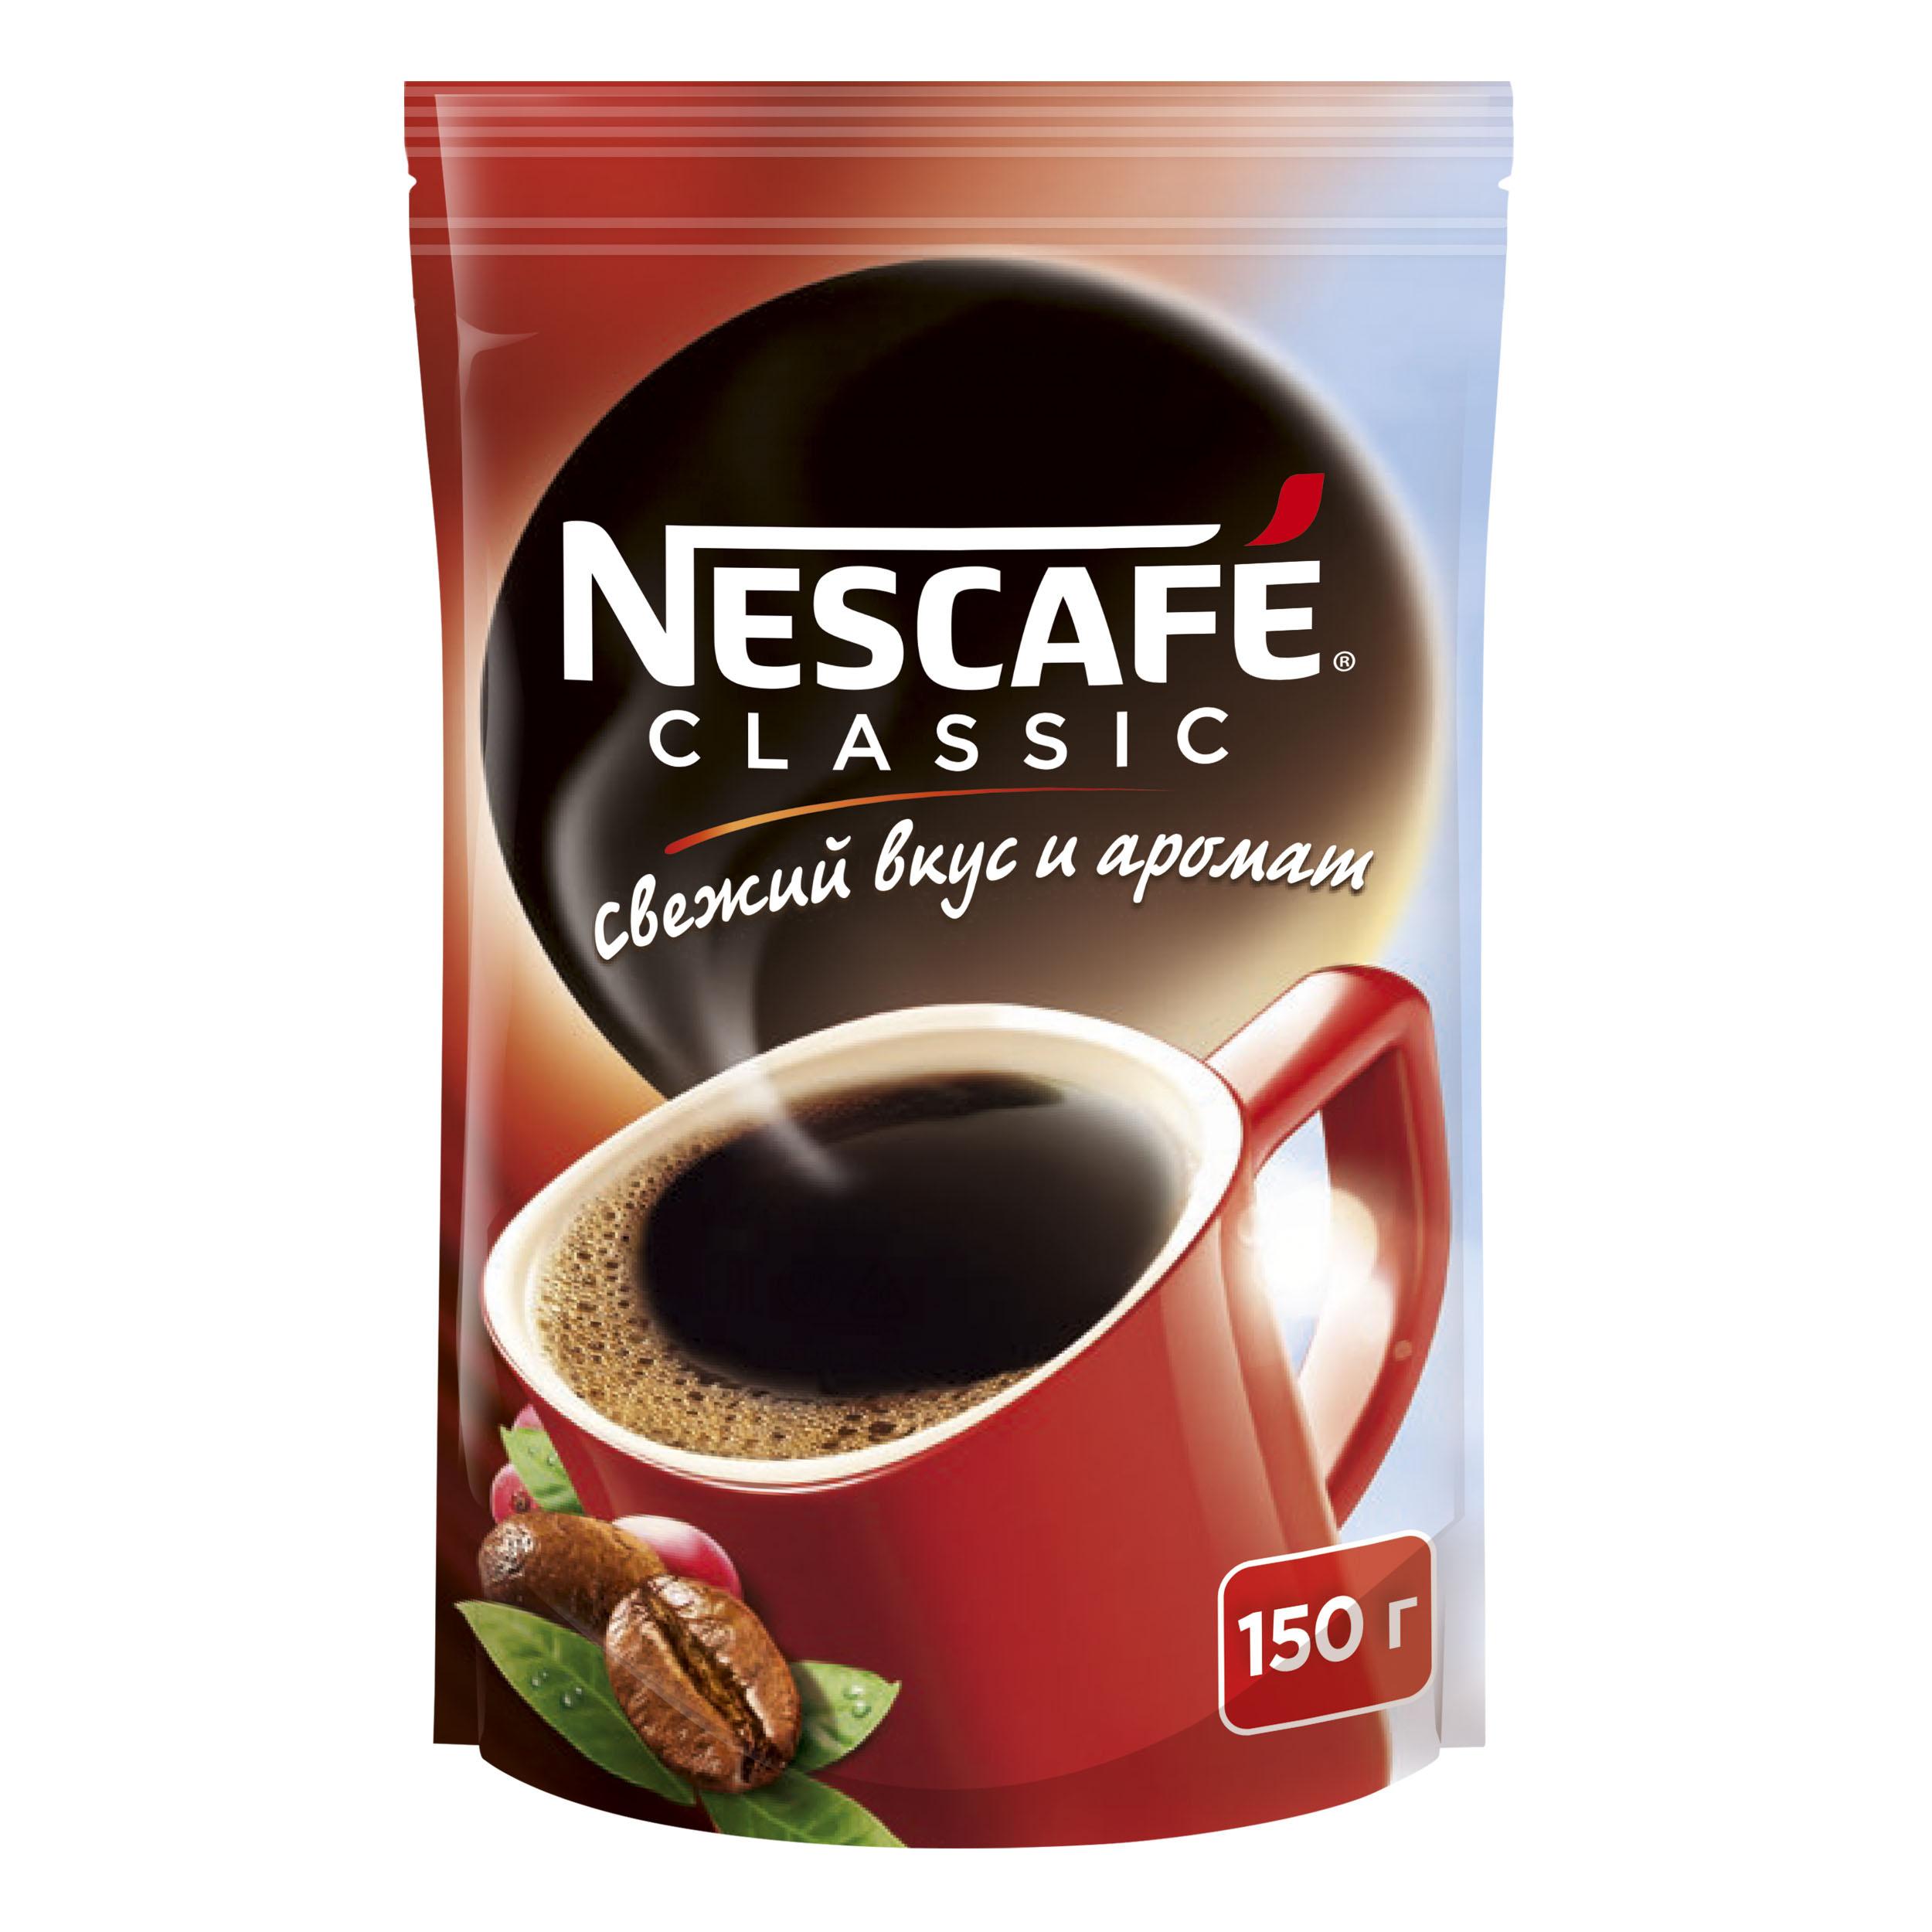 Кофе растворимый Nescafe classic пакет 150 г фото